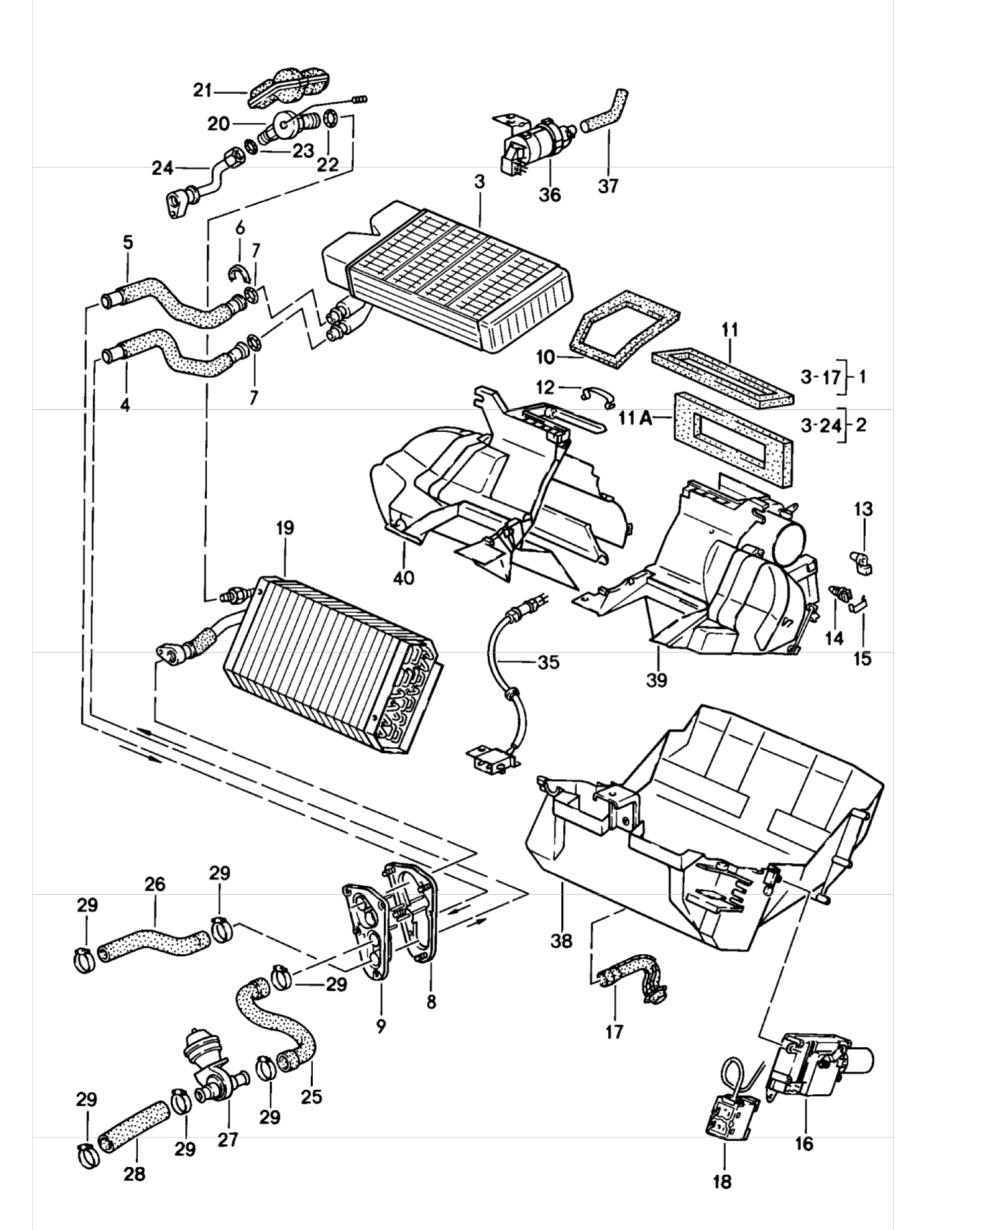 medium resolution of 2001 drz 400 wiring diagram kx 500 wiring diagram wiring suzuki rf 900